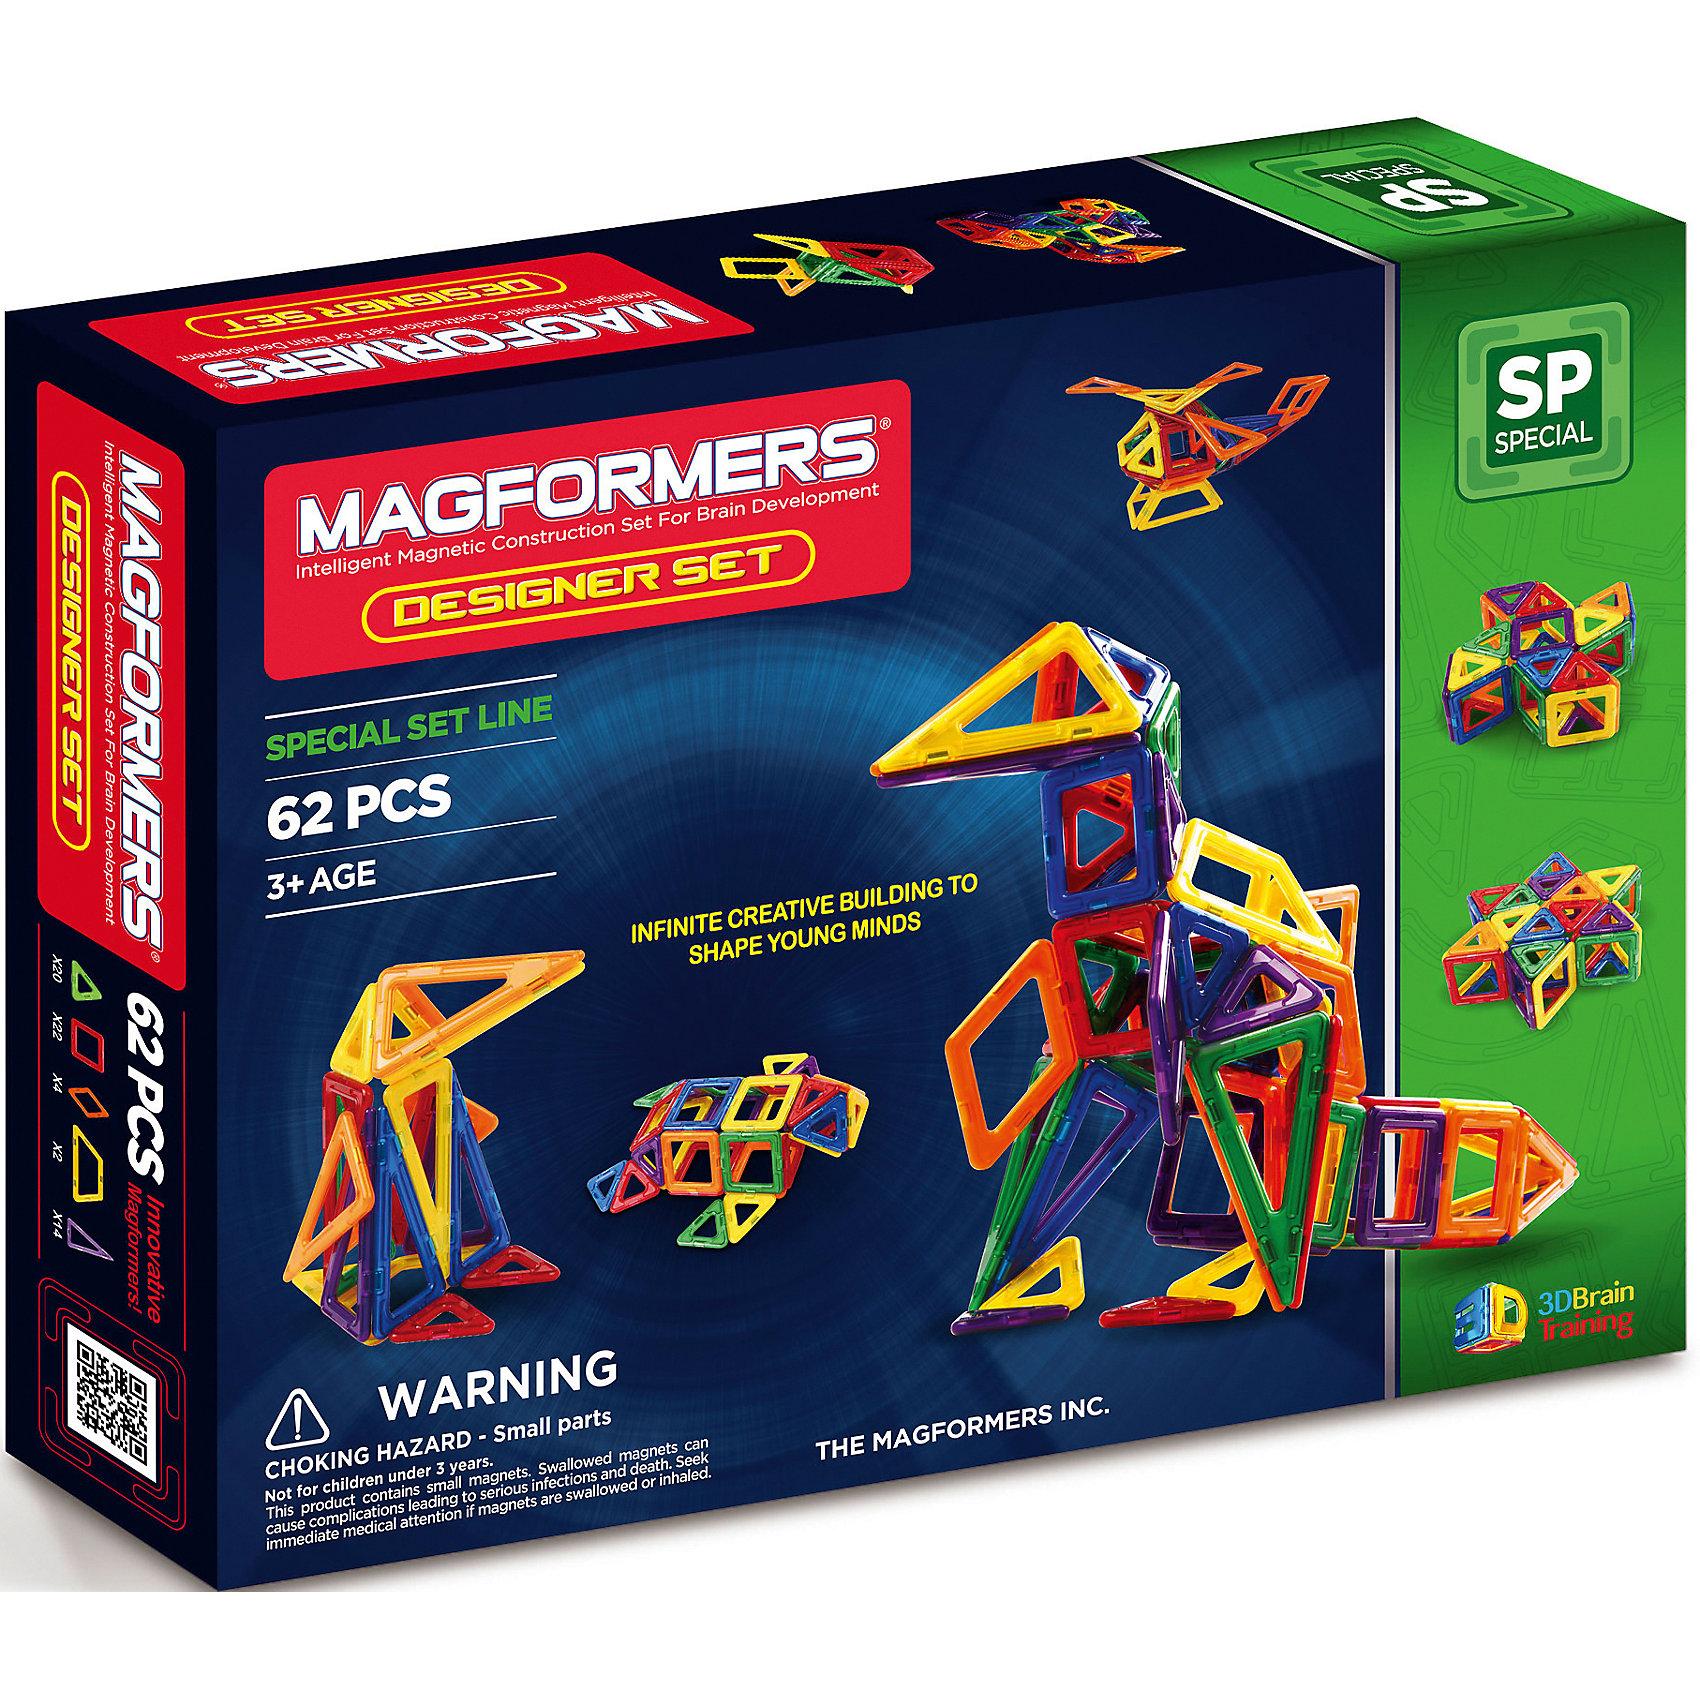 Магнитный конструктор Дизайнер сет, MAGFORMERSНабор Magformers Designer Set из 62-х элементов предназначен для развития эрудиции детей. Такие мини-конструкторы подходят для мальчиков и девочек, так как ребёнок сможет построить много разных транспортных средств - самолёты или краны, экскаваторы, либо же отличный дом или замок. <br>Данный набор представляет собой прекрасную игрушку, которая позволяет ребёнку развивать воображение, способности к геометрии, пространственному мышлению. <br>Хотя такие наборы больше подходят для детей старшего возраста, многие малыши проявляют особенный интерес к подобного рода игре. Из базовых фигурок можно построить множество различных предметов. Таким образом, ребёнок сможет воплотить свои фантазии в реальность. Со временем вы заметите, что создаваемые вашим ребёнком фигуры, становятся всё более объёмными и сложными. <br>.<br>Такой конструктор понравится каждому ребенку. К тому же яркая упаковка помогает ему стать идеальным подарком!<br><br>Дополнительная информация:<br><br>- Количество деталей: 62 шт. <br>- Треугольники: 20 шт. <br>- Квадраты: 22 шт. <br>- Ромбы: 4 шт. <br>- Трапеции: 2 шт. <br>- Равнобедренные треугольники: 14 шт. <br>- Возраст: от 3 лет  <br>- Материал: прочный пластик <br>- Размер упаковки: 37x28x6,5 см <br>- Вес в упаковке: 0,91 кг.<br><br>Купить магнитный конструктор Дизайнер сет MAGFORMERS можно в нашем магазине.<br><br>Ширина мм: 365<br>Глубина мм: 280<br>Высота мм: 60<br>Вес г: 1275<br>Возраст от месяцев: 36<br>Возраст до месяцев: 192<br>Пол: Унисекс<br>Возраст: Детский<br>SKU: 4730840